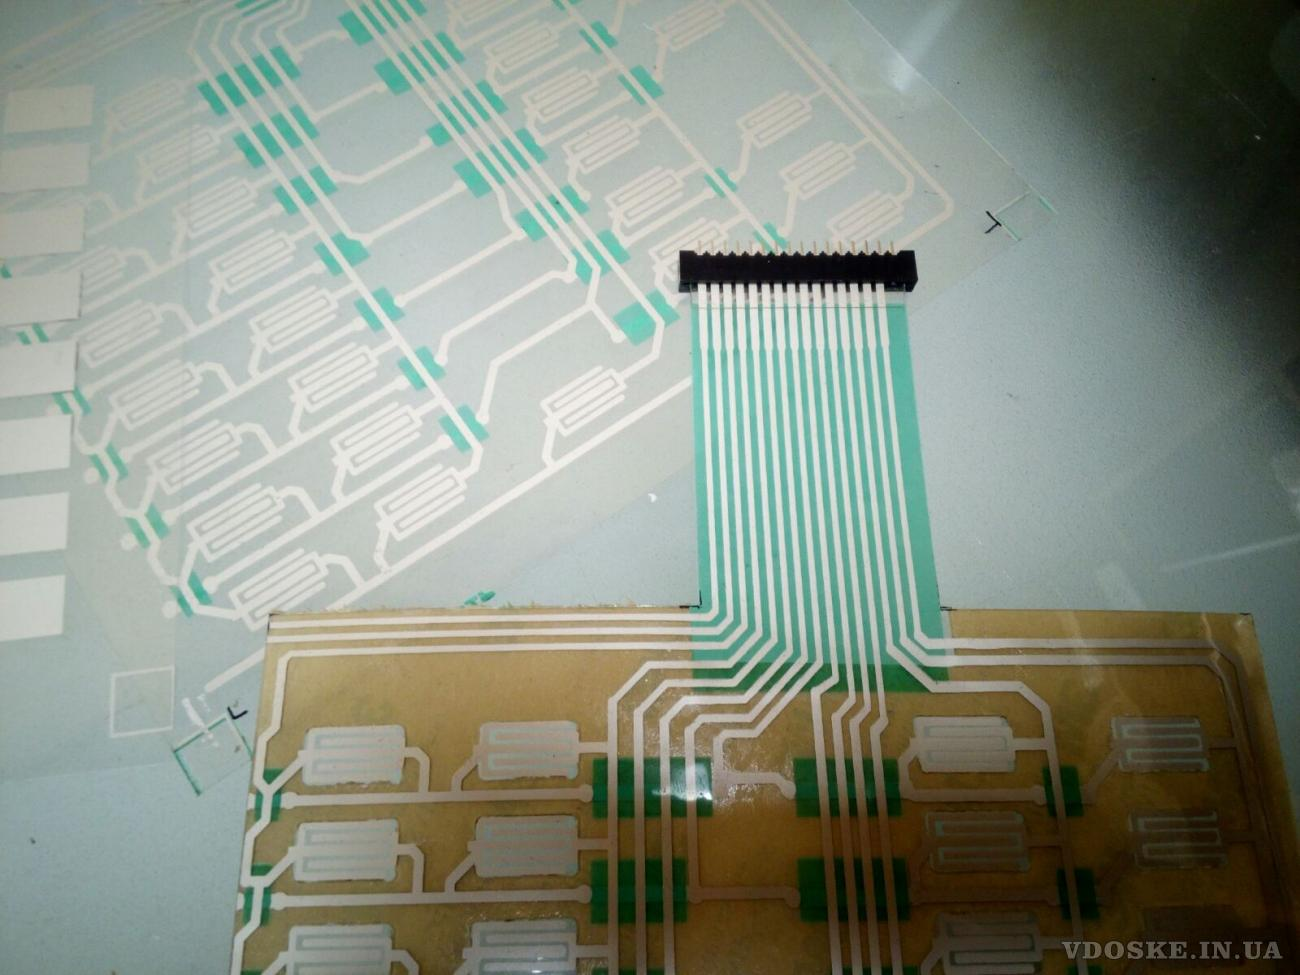 Изготовление мембранных, пленочных клавиатур и приборных лицевых панелей